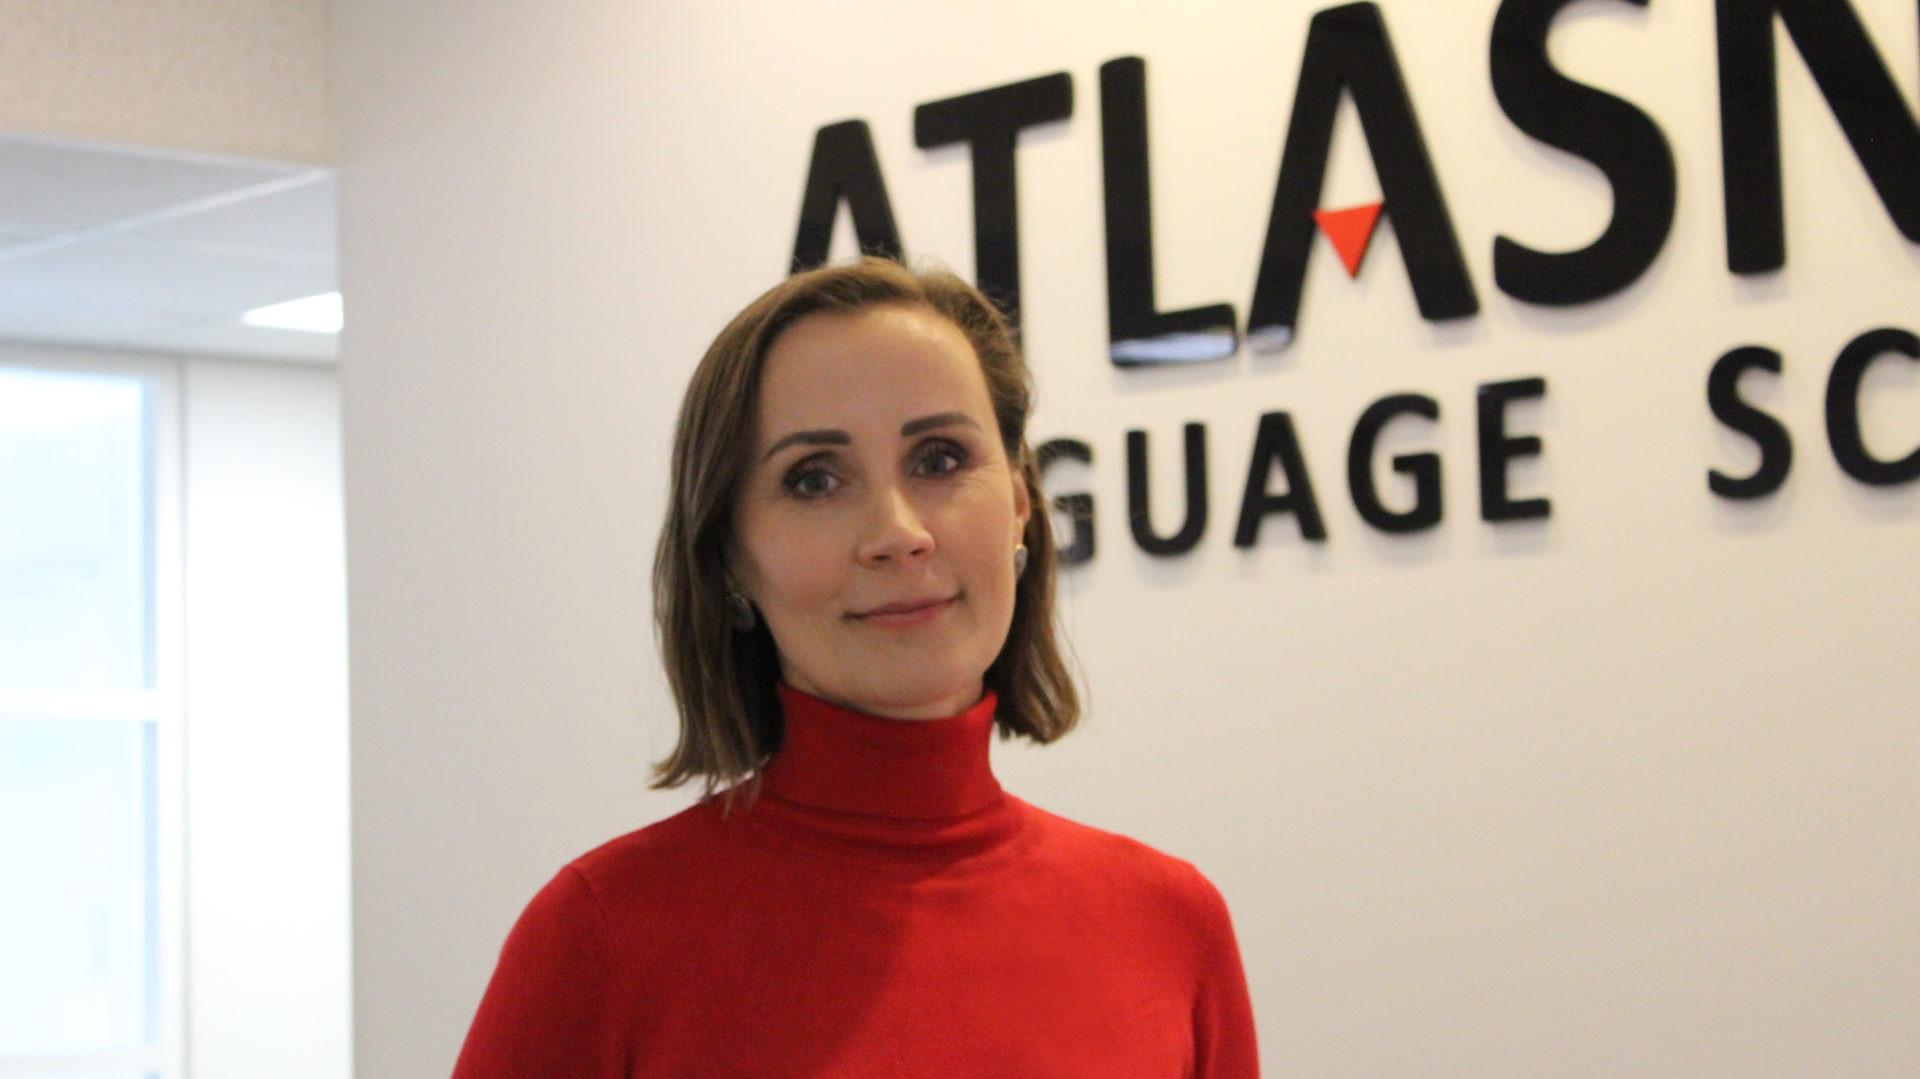 besplatnoe testirovanie dlya ocenki urovnya yazyka v shkole yazykov atlasnet v gorode tallinn